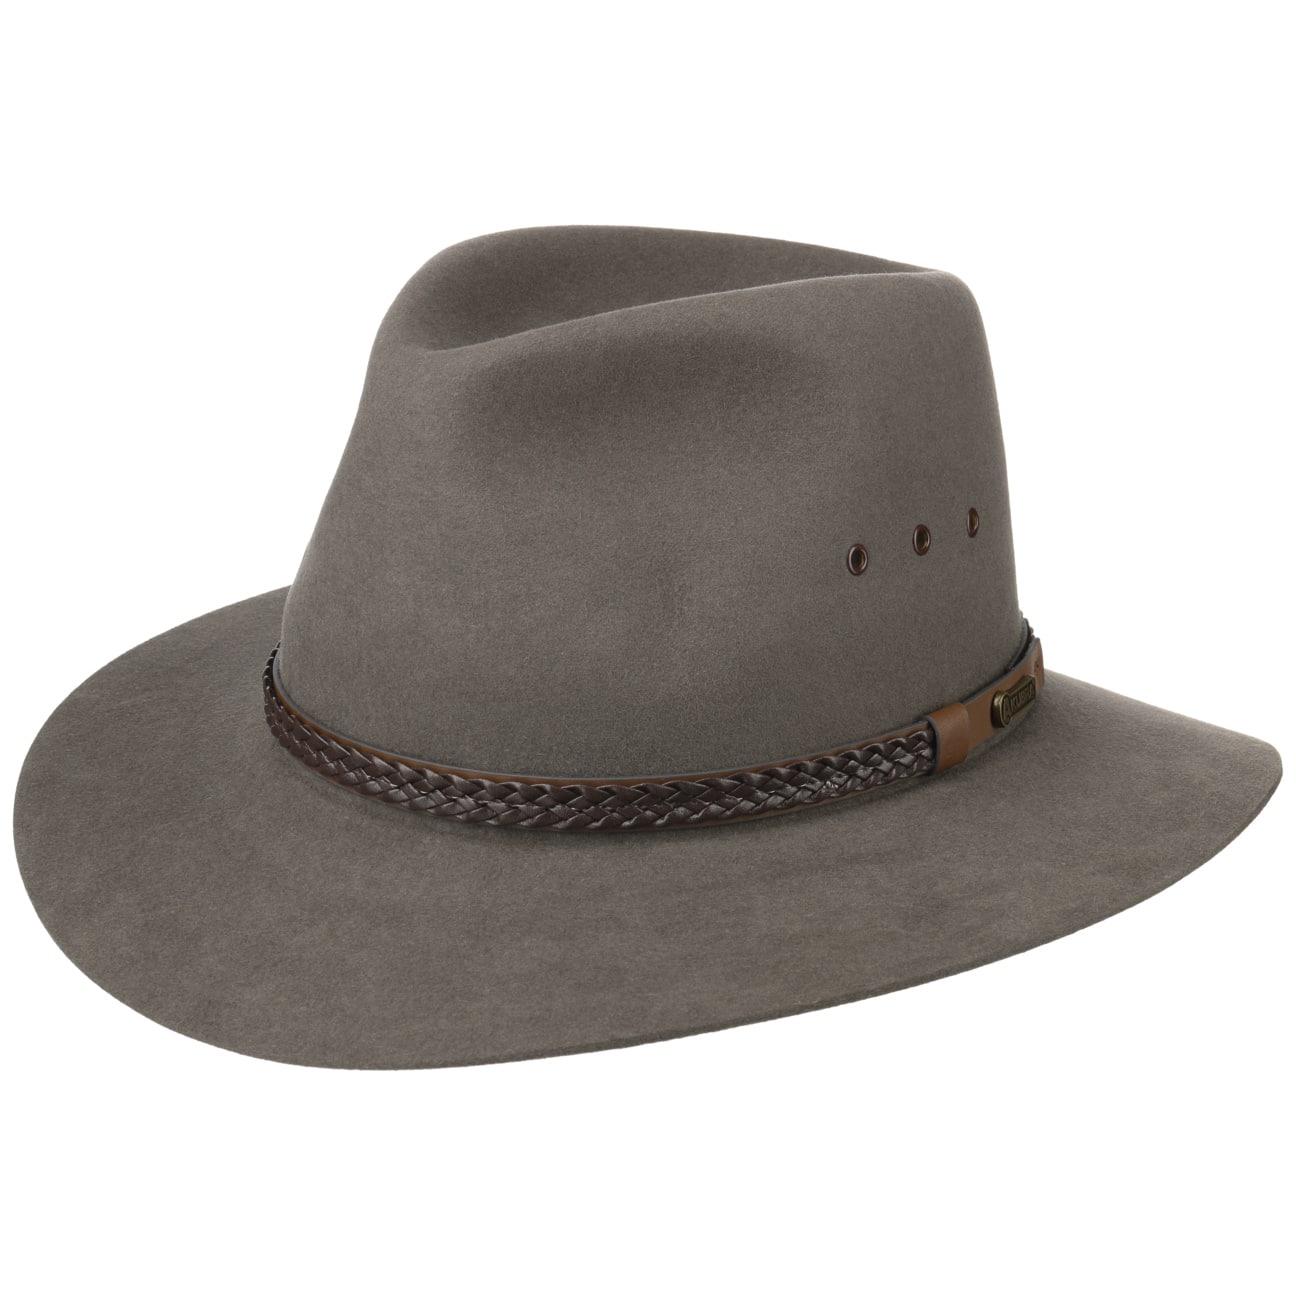 Sombrero Fieltro de Pelo Exeter by Akubra  sombrero de fieltro